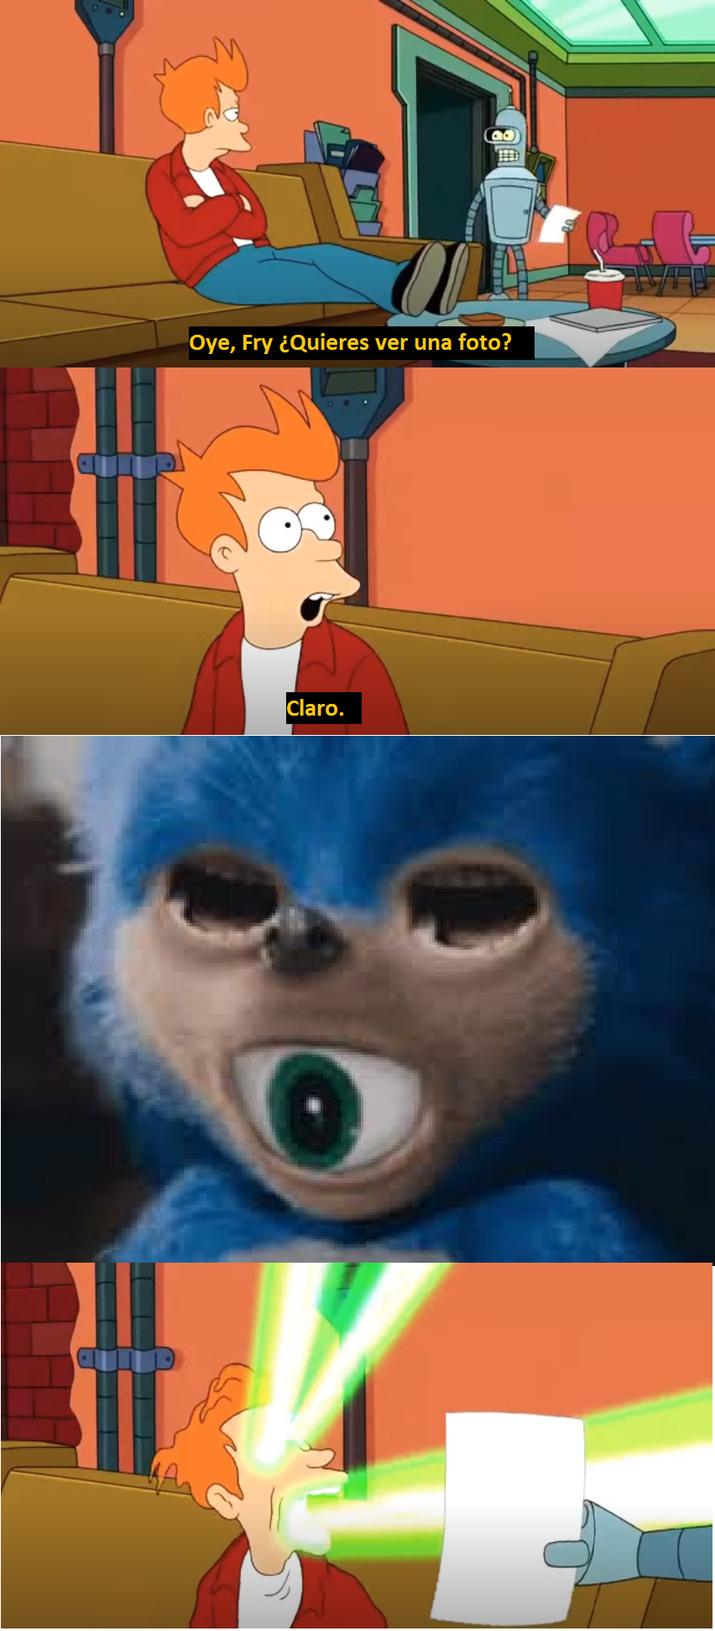 Acabo de crear una plantilla para cursed images. Siempre dudé de la existencia del dios de los memes. Ahora sé que existe, soy yo.